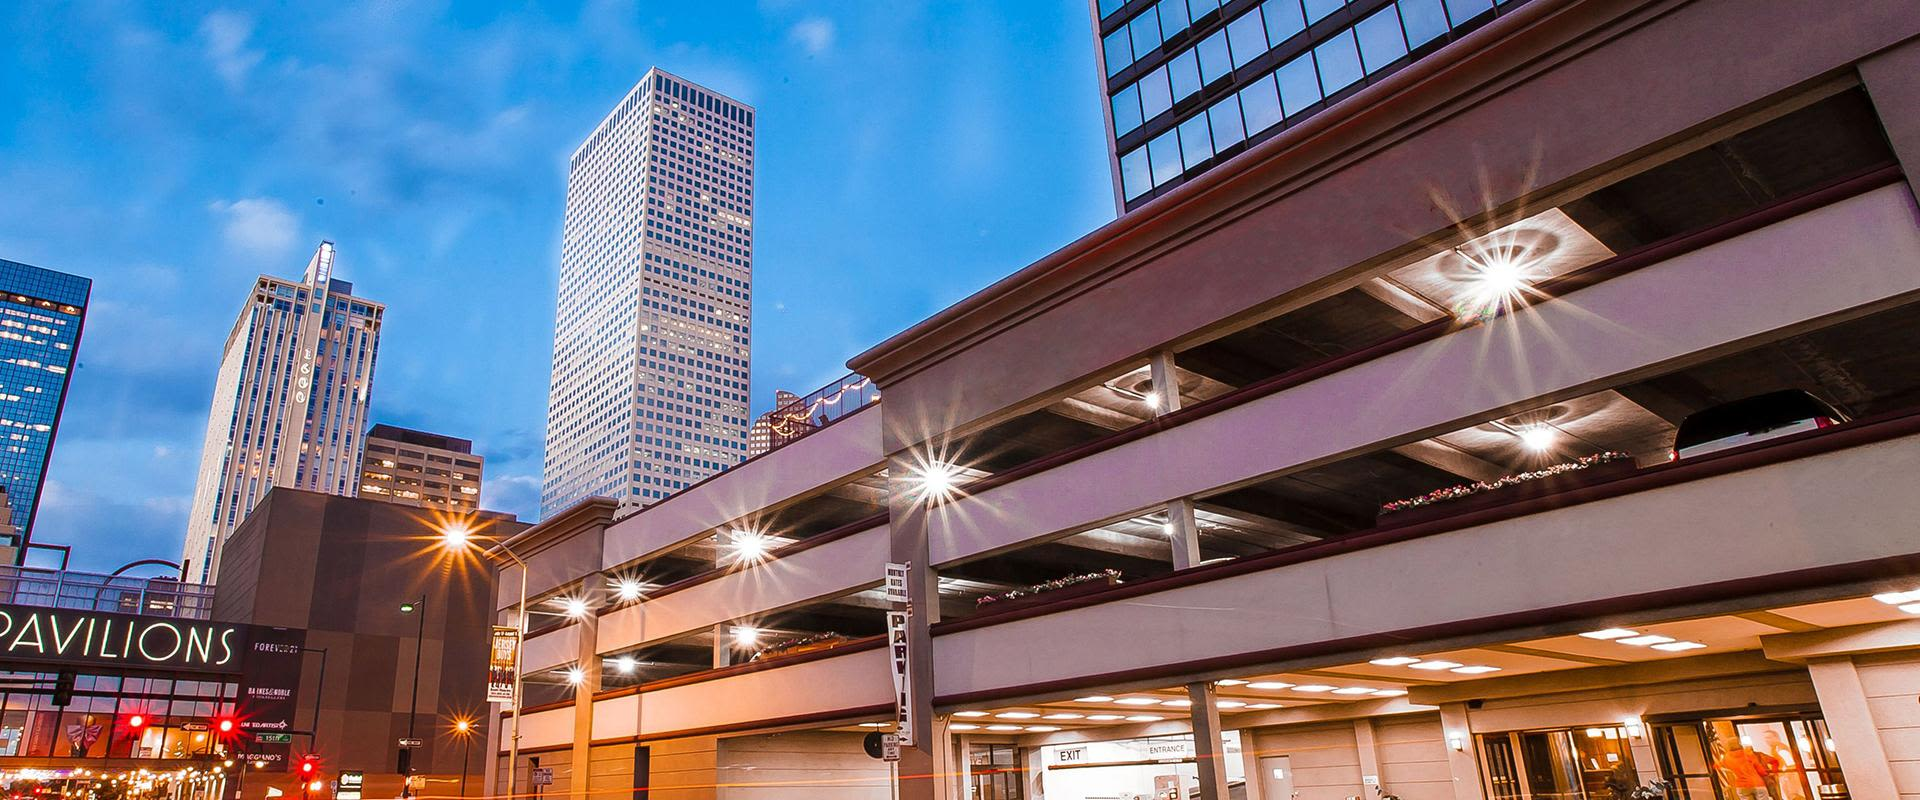 Denver Parking Above Hotel Entrance